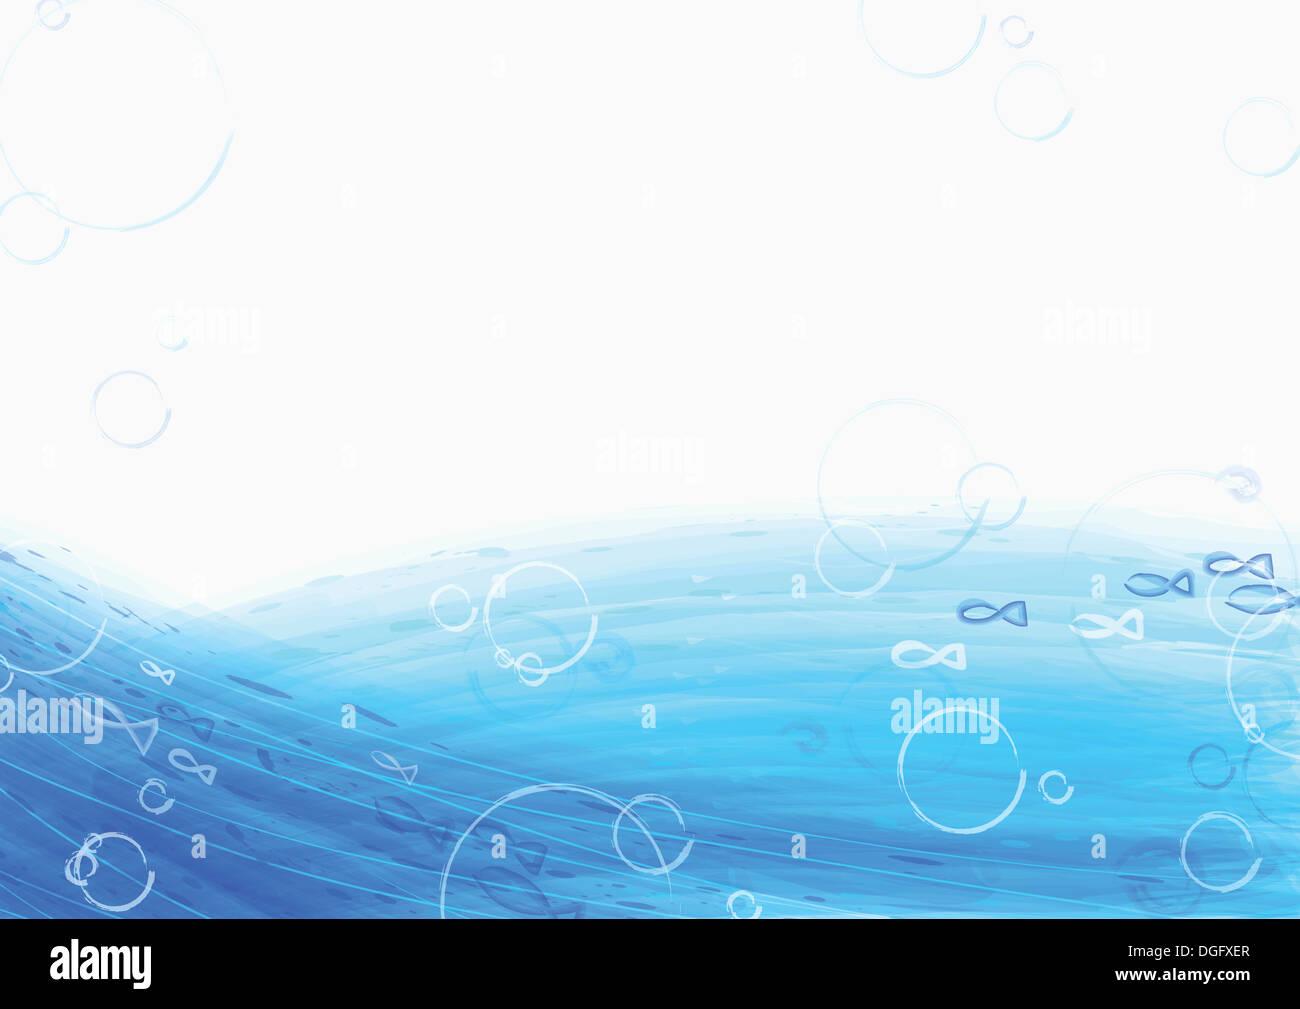 PPT-Hintergrund-Template-Design mit blauen Wellen Stockfoto, Bild ...